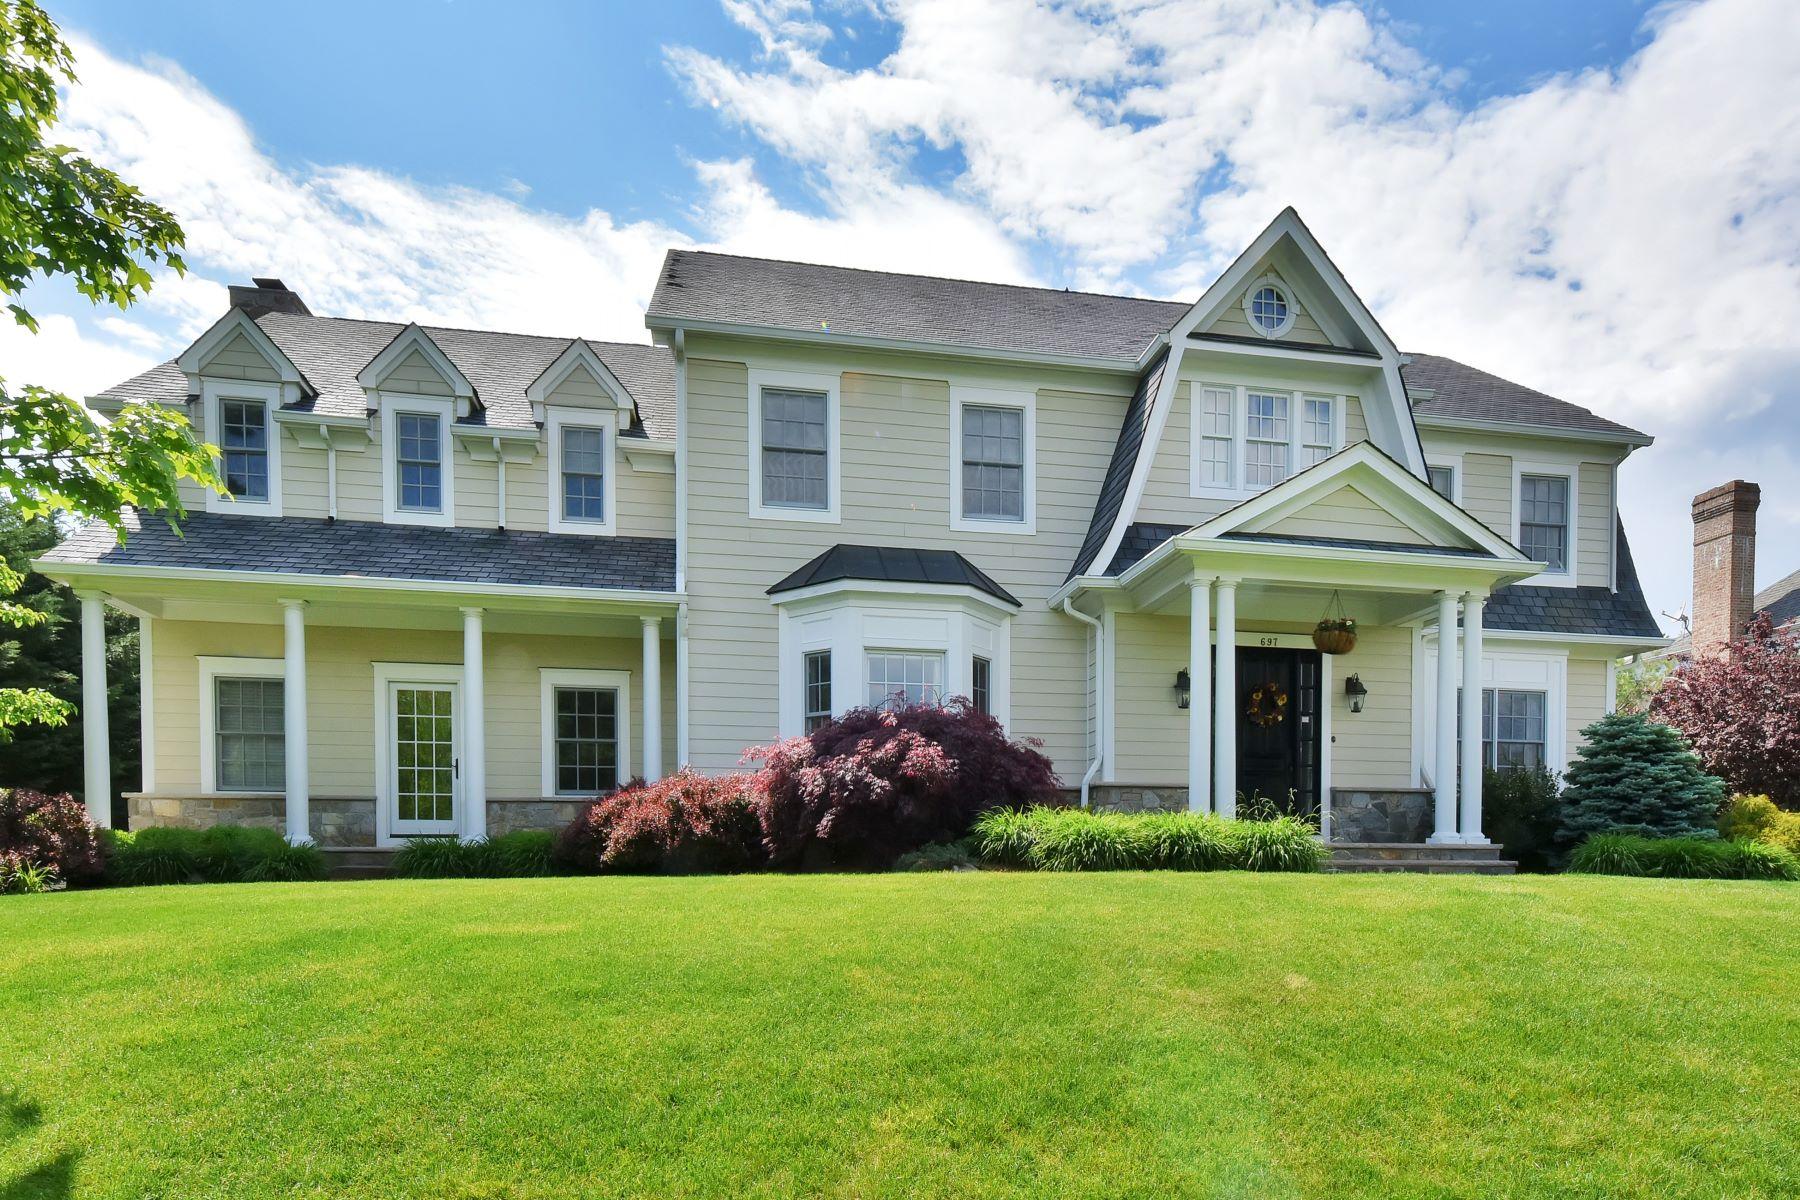 Частный односемейный дом для того Продажа на Sicomac Premier Willow Pond Estates 697 Charnwood Drive Wyckoff, Нью-Джерси 07481 Соединенные Штаты